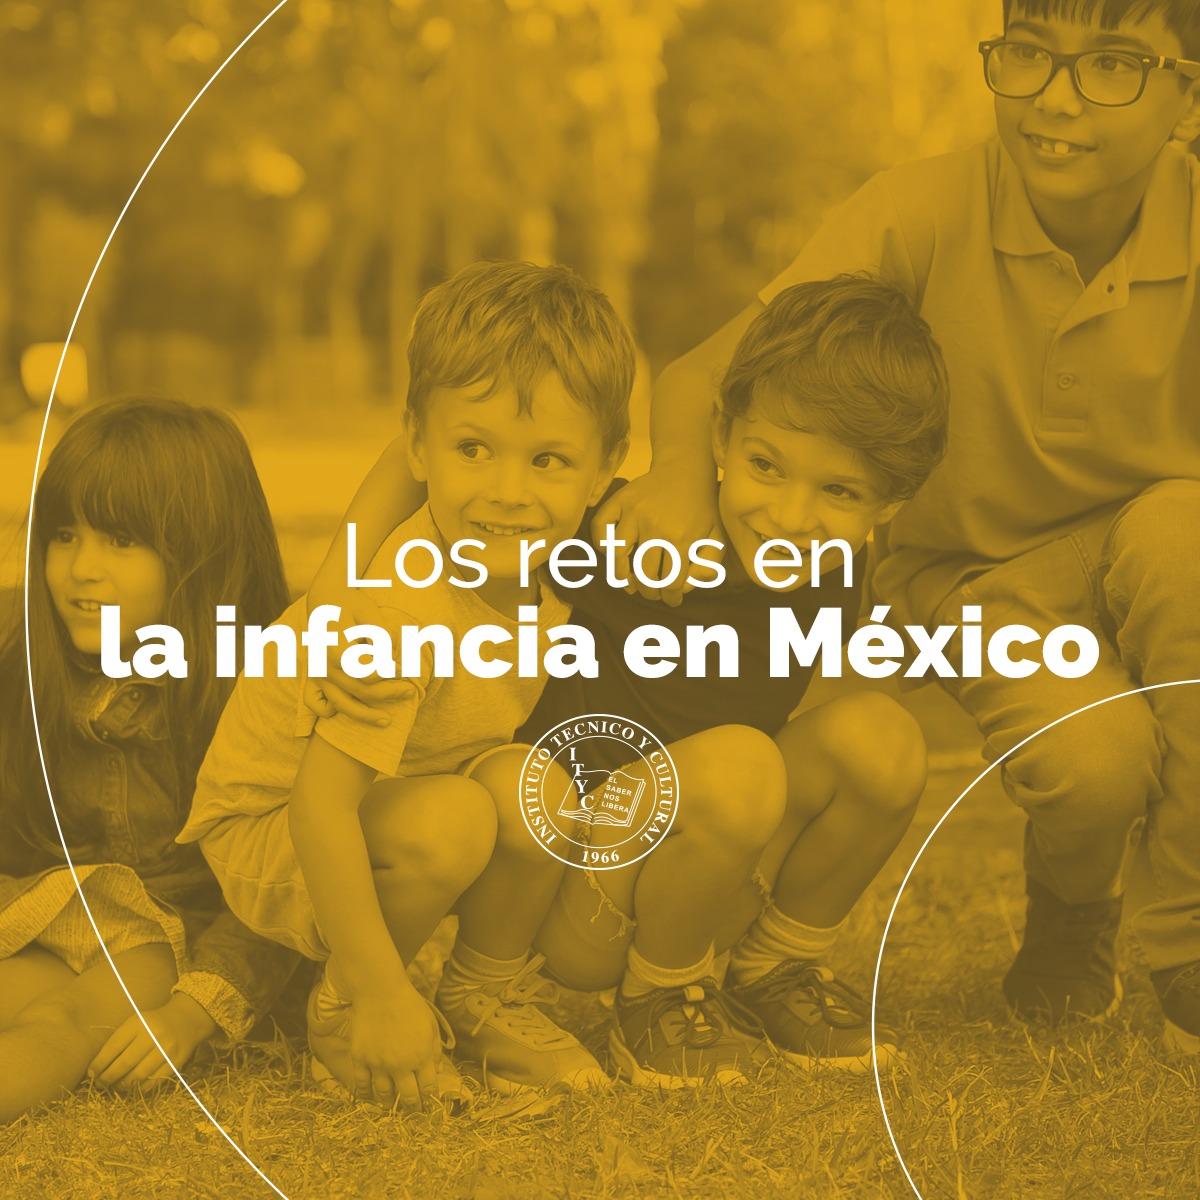 Los retos de la infancia en México